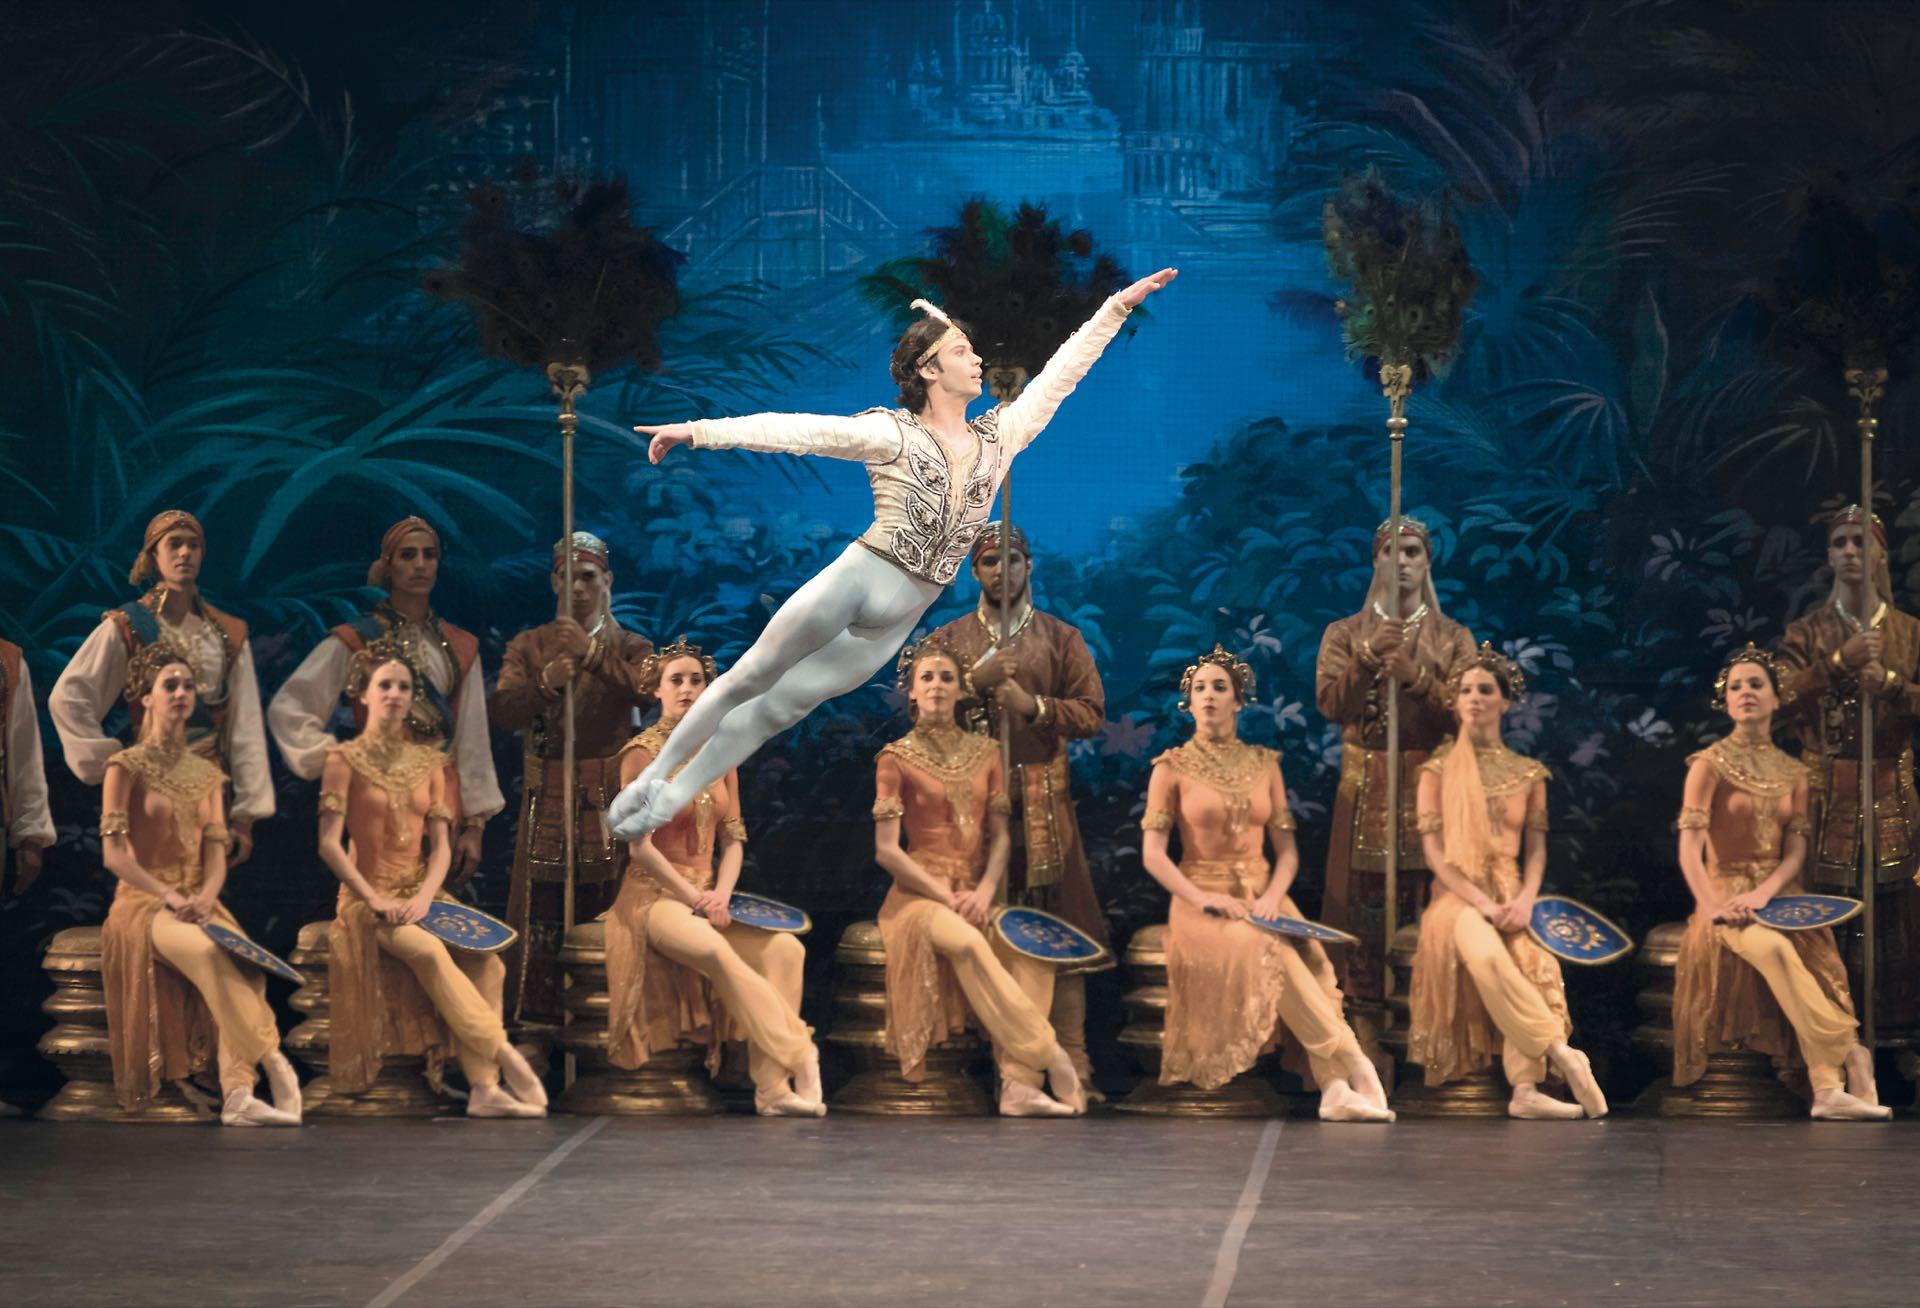 """Herman bailando La bayadera en el Teatro Colón en 2016. """"Fue mi primera presentación oficial con el Ballet Estable del Teatro Colón. La segunda será el 8 de abril cuando llegue a Buenos Aires para protagonizar El Corsario""""."""